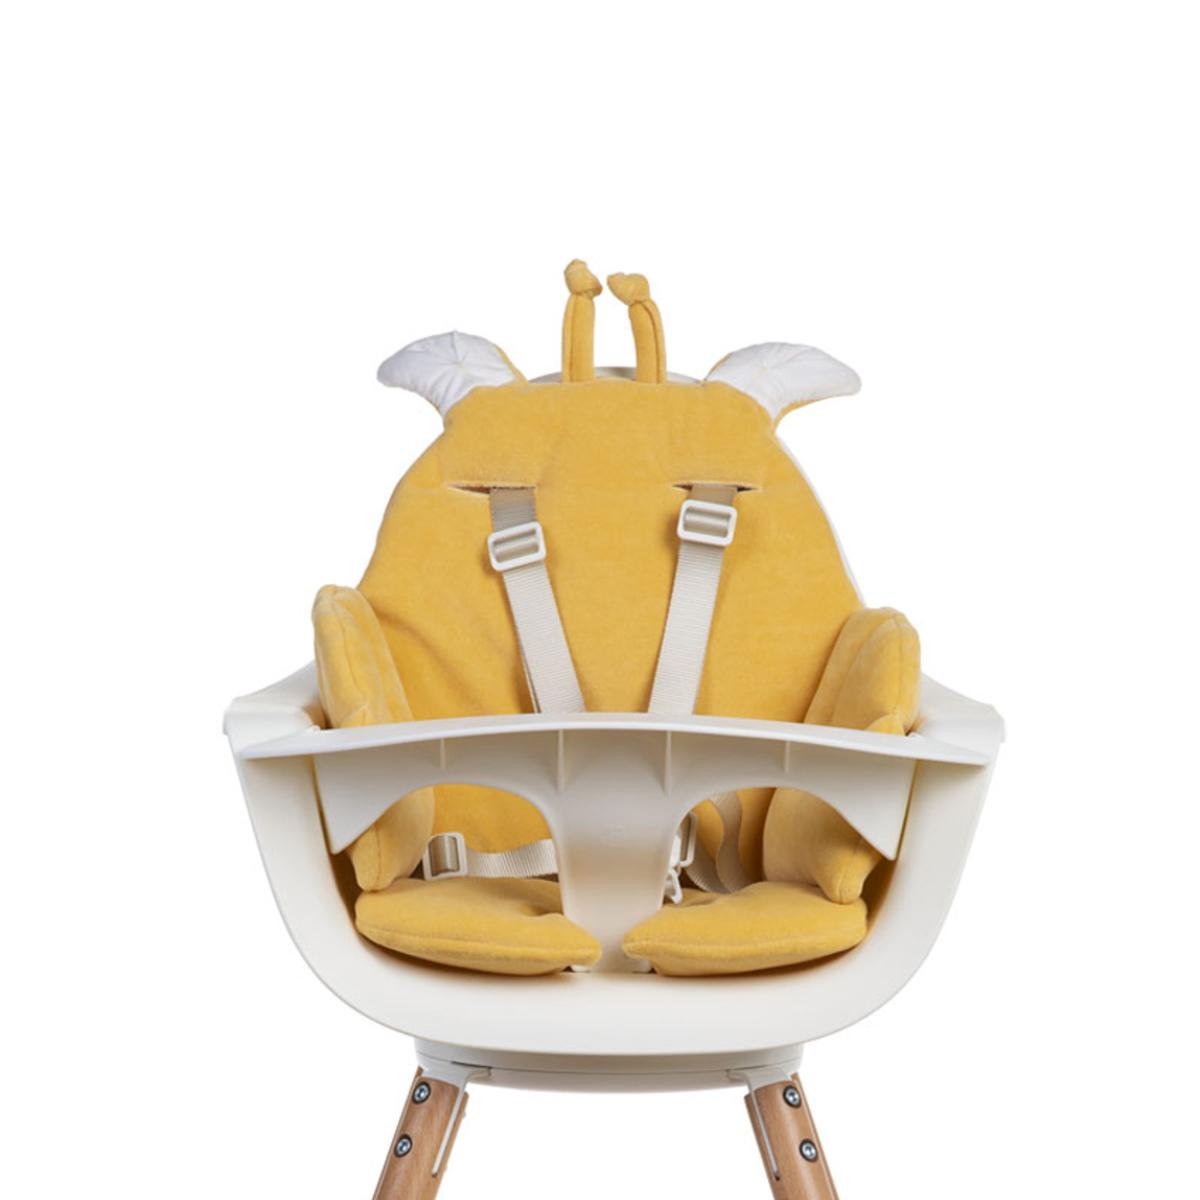 Chaise haute Coussin de Chaise Giraffe Velvet - Ochre Coussin de Chaise Giraffe Velvet - Ochre